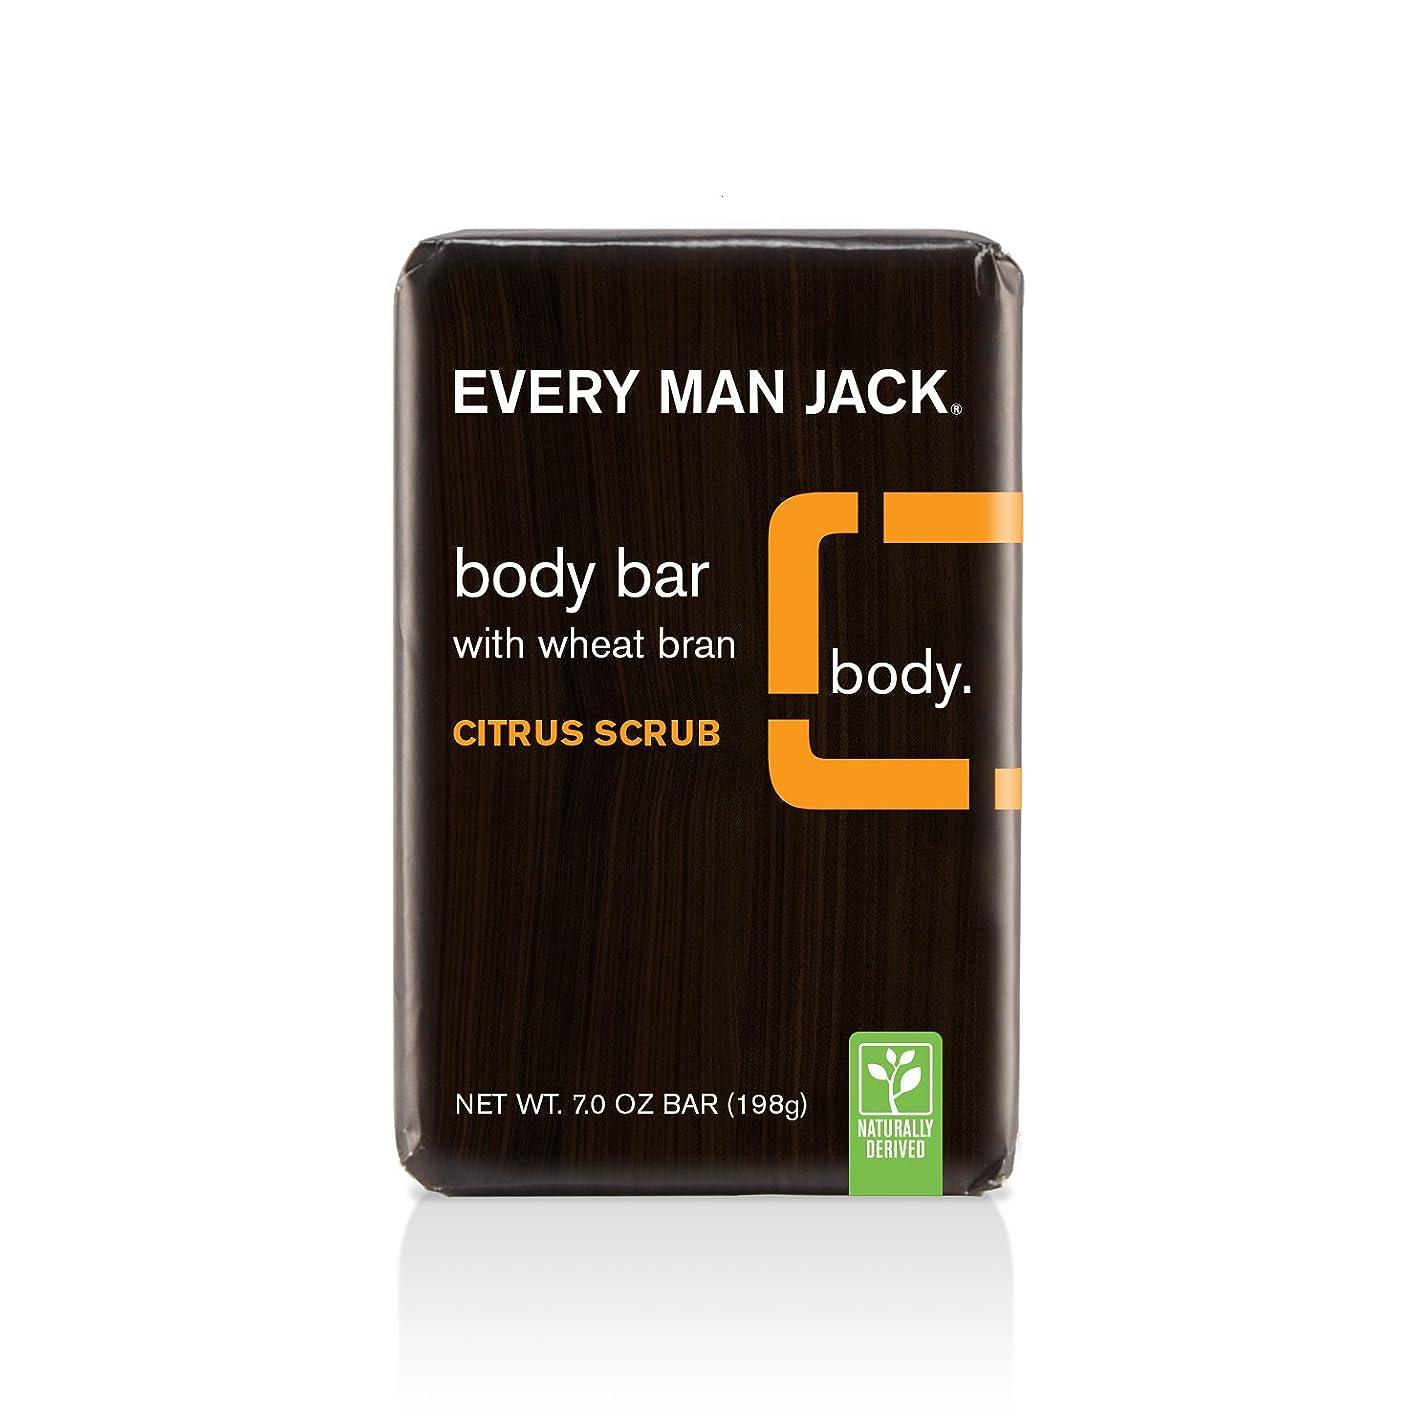 広くインド華氏海外直送品Body Bar Soap, Citrus Scrub 7 oz by Every Man Jack